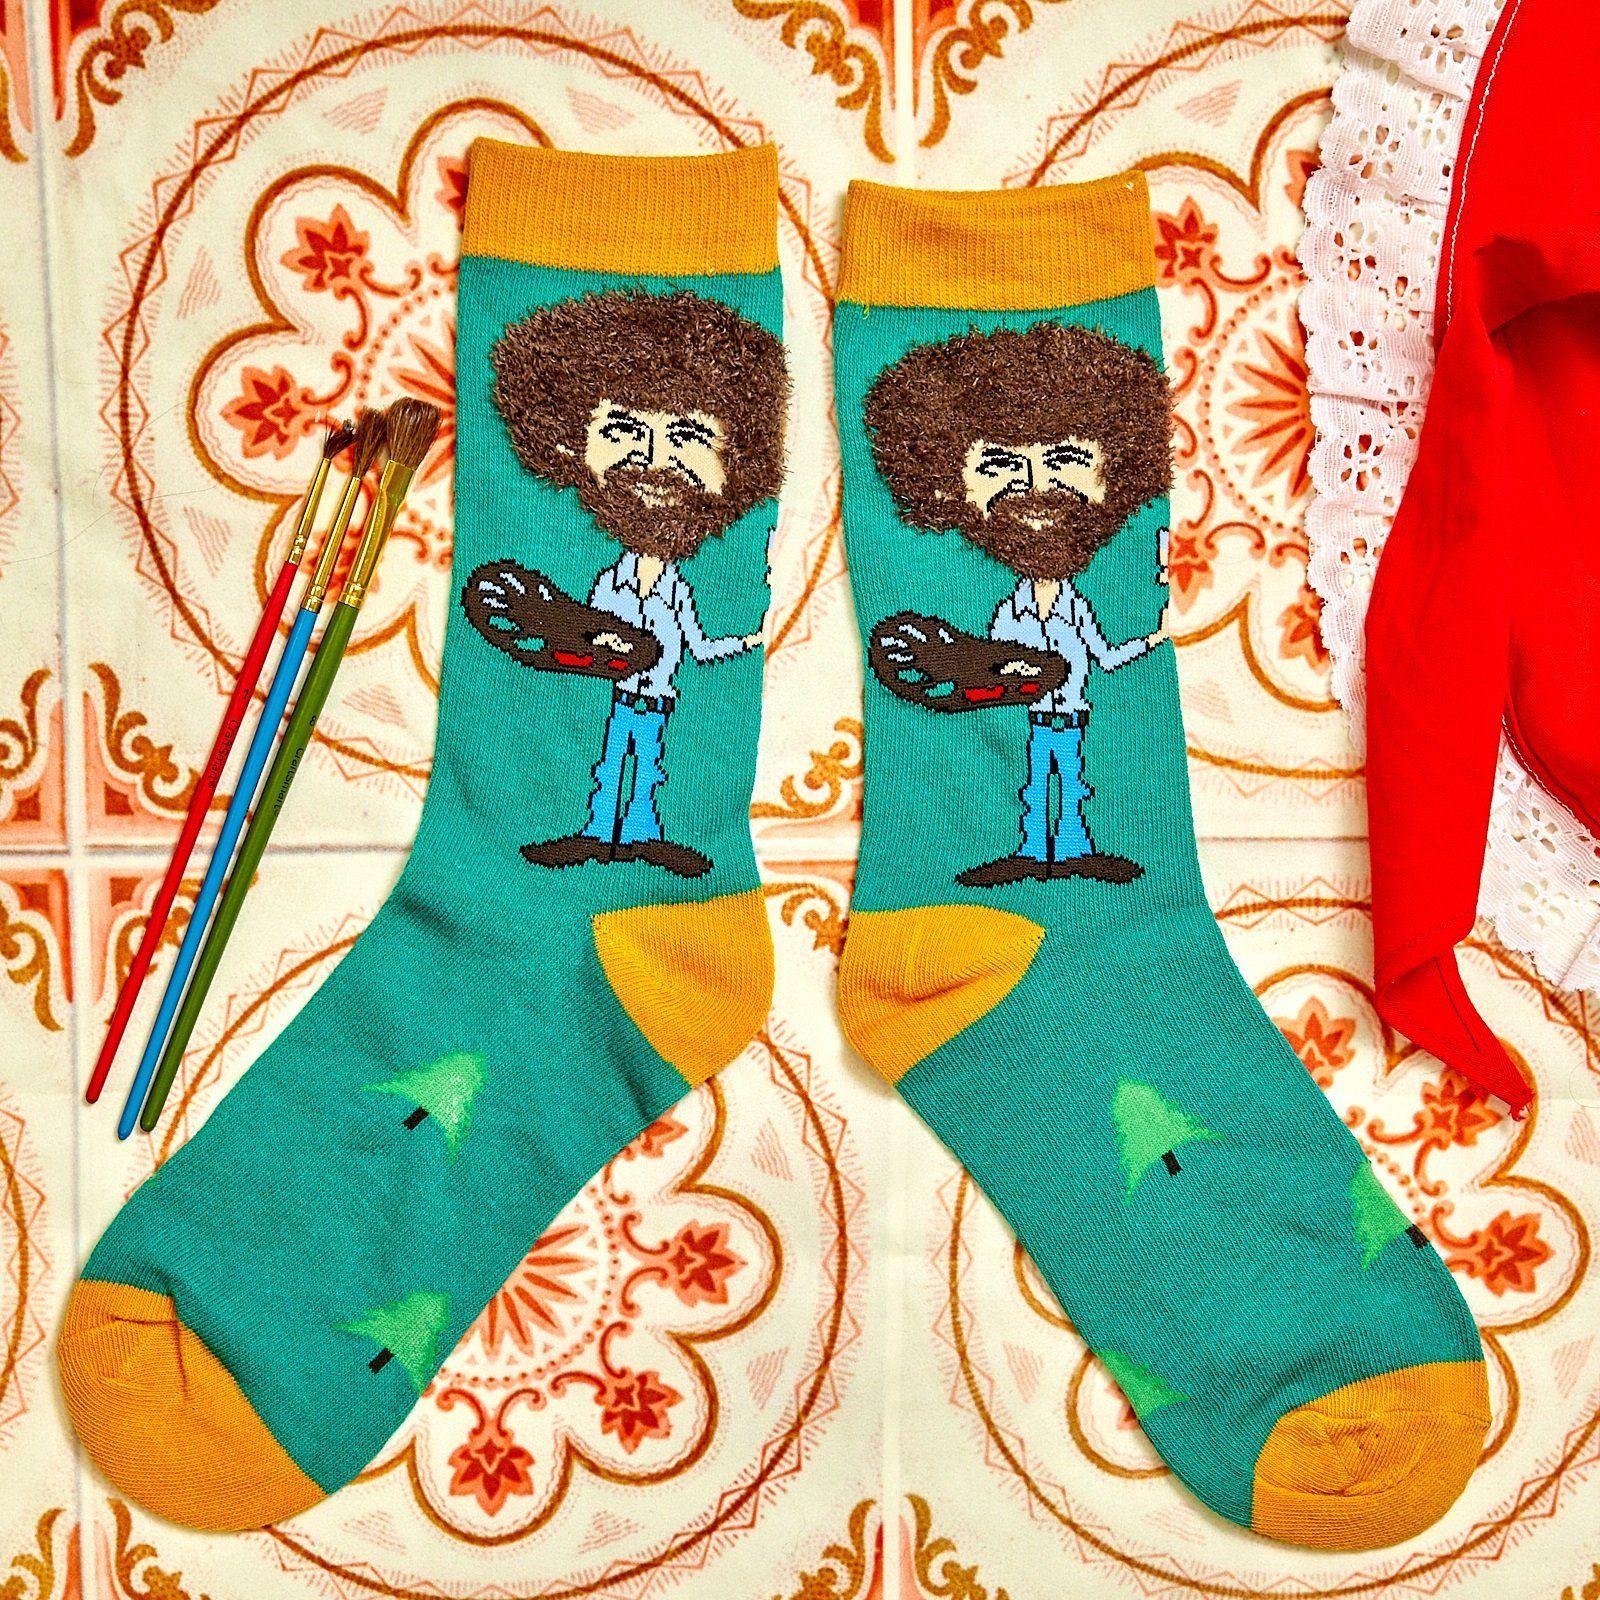 Das Wohl Schonste Detail An Diesen Bob Ross Socken Ist Die Frisur Neben Der Obligatorischen Farbpalette Ver Bob Ross Angled Bob Hairstyles Short Textured Bob